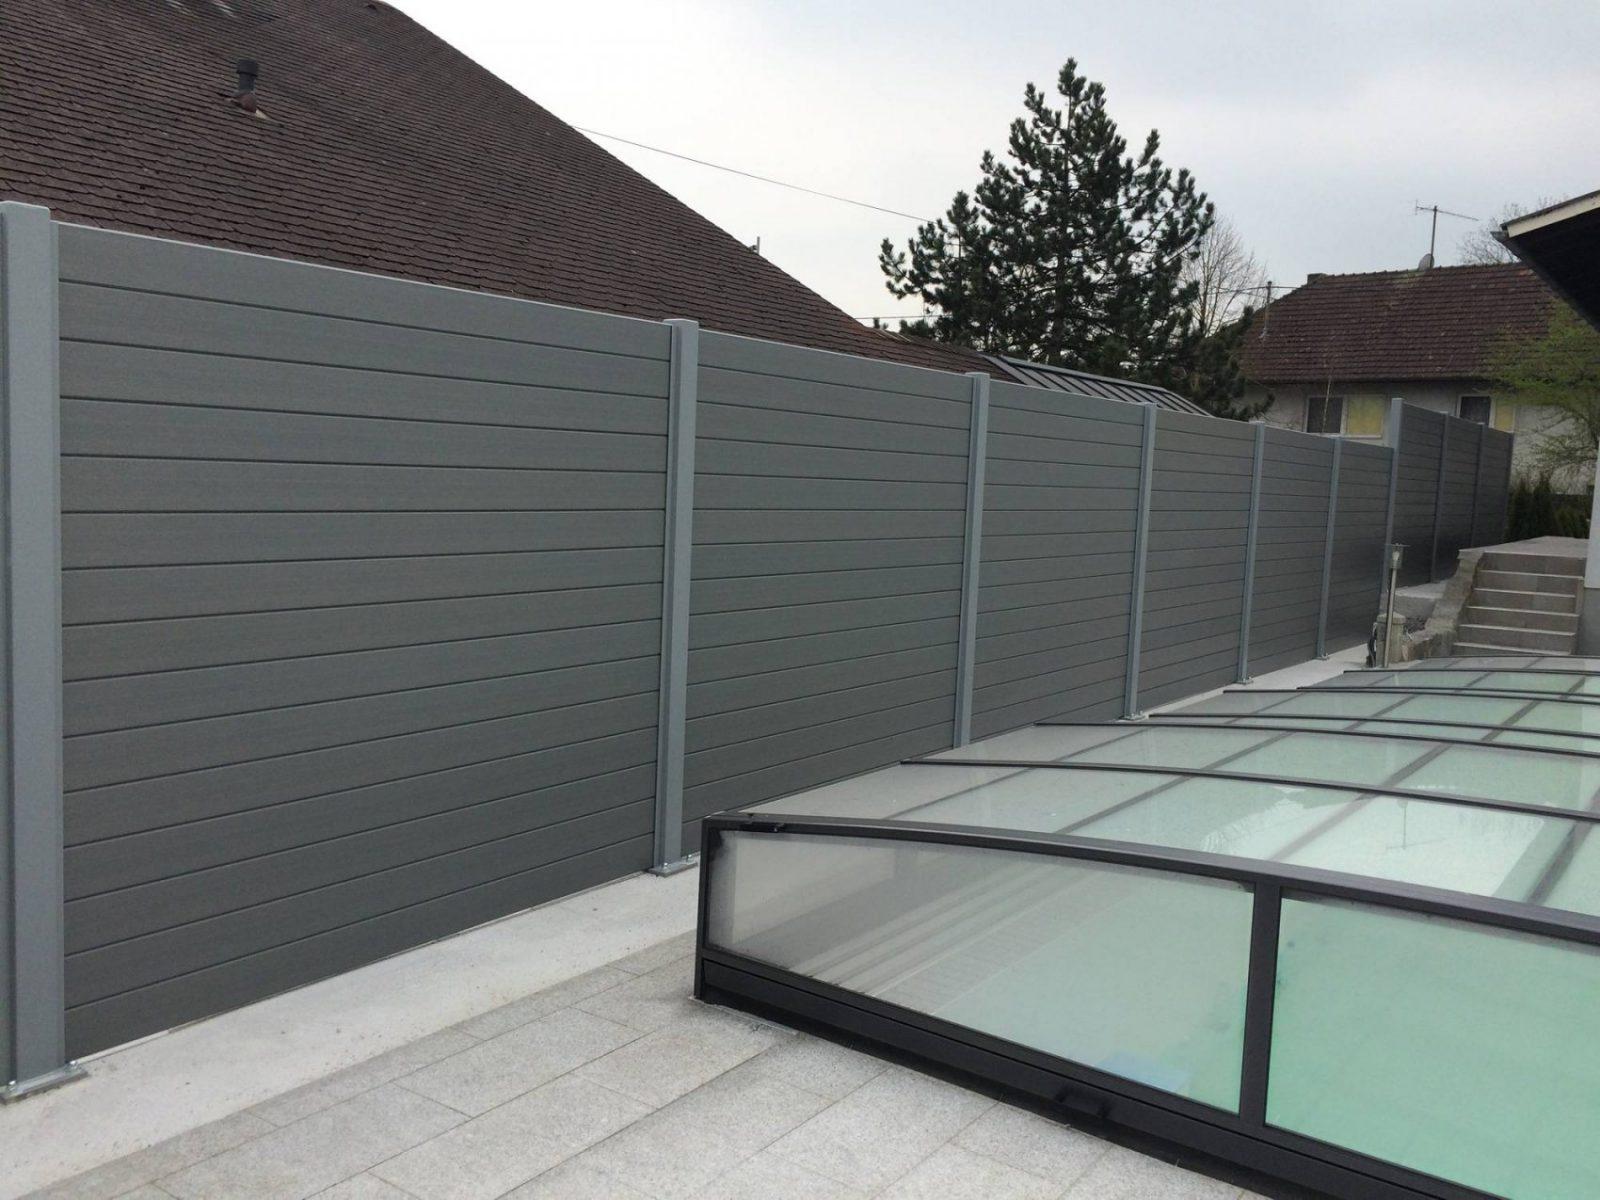 Sichtschutz Garten Wpc Inspirierend Herrlich Sichtschutz Garten Von von Sichtschutz Garten Kunststoff Grau Bild